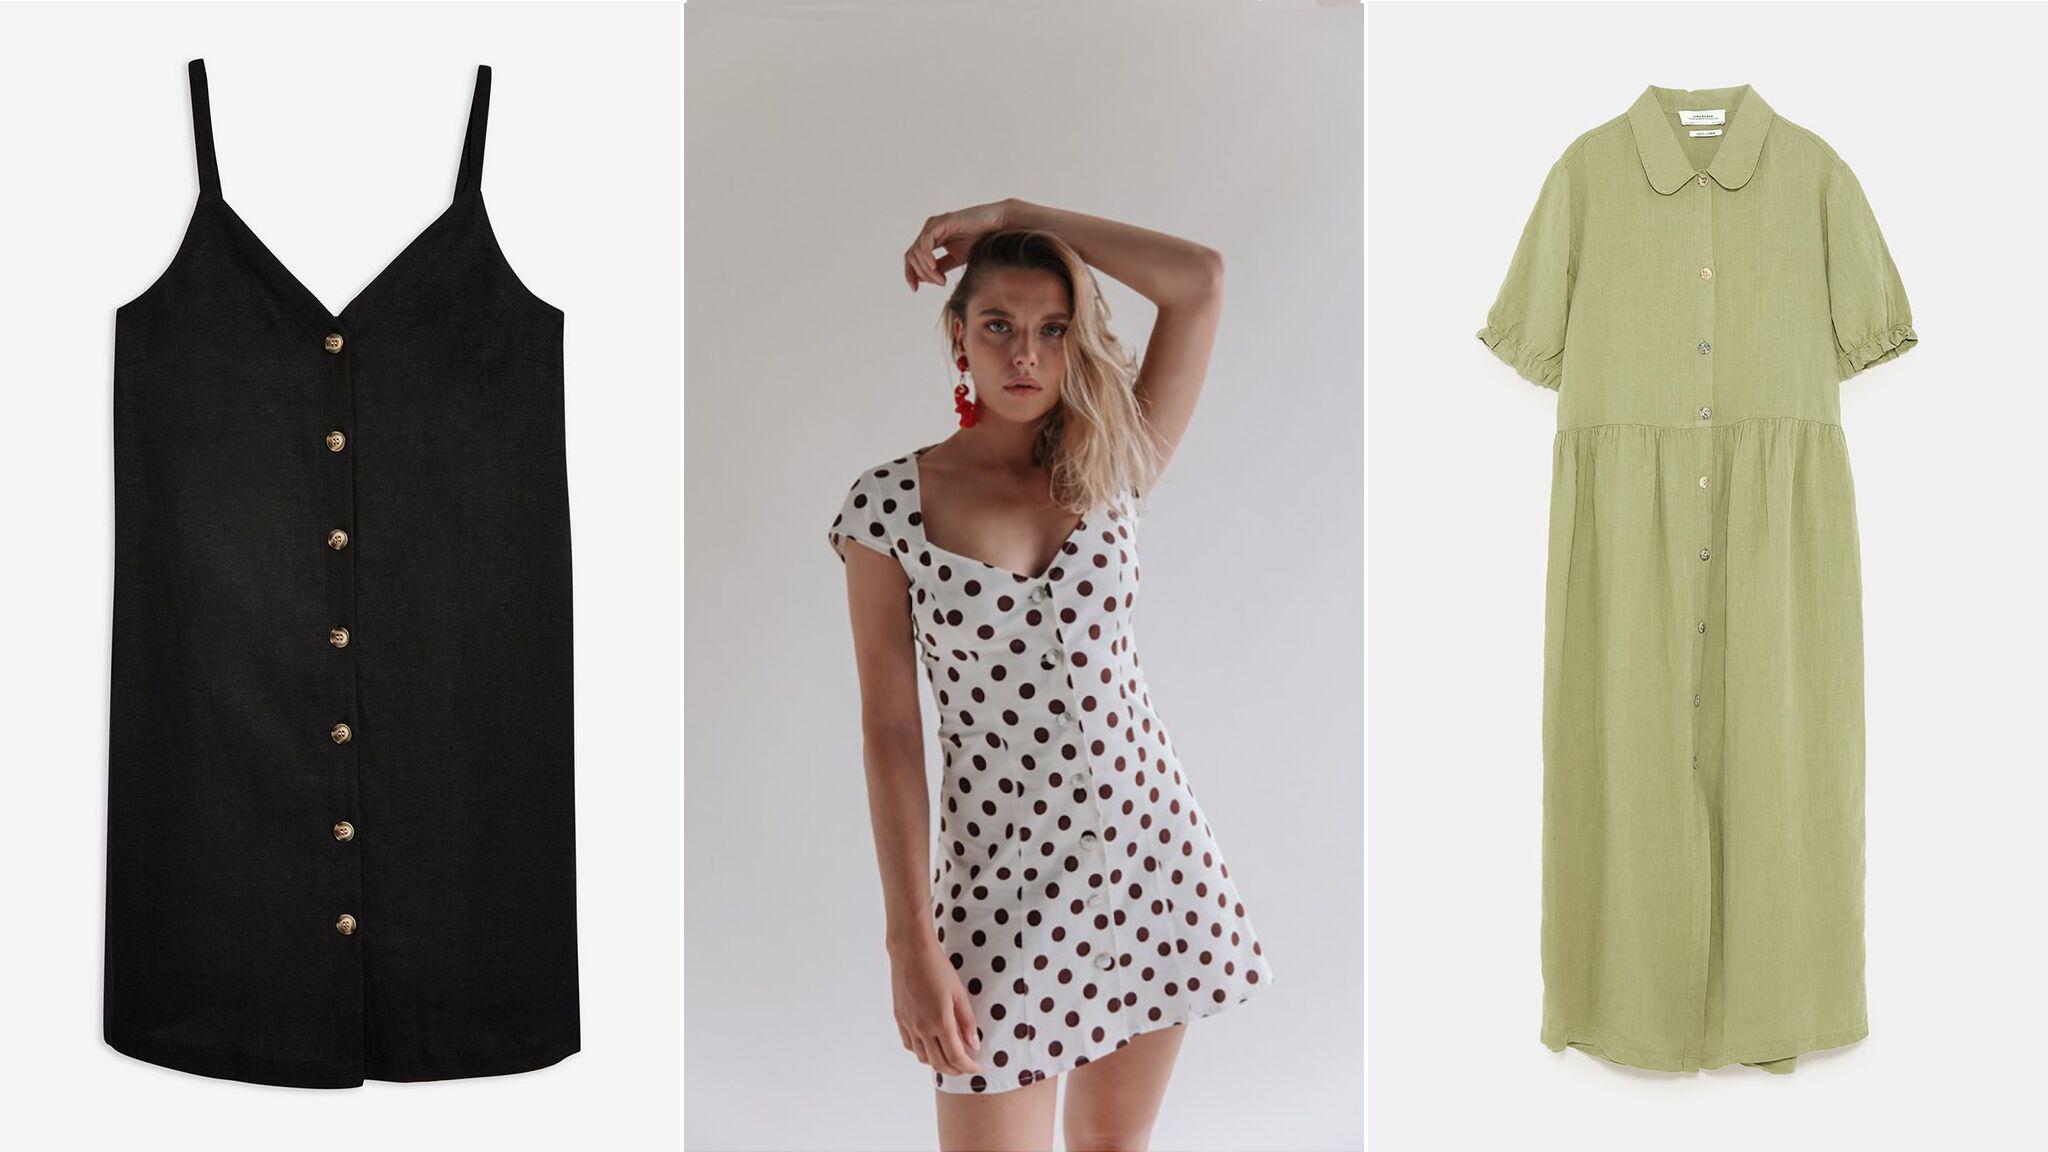 e1a1cb8d64d Shopping   25 modèles de robes boutonnées pour être au top cet été - Voici